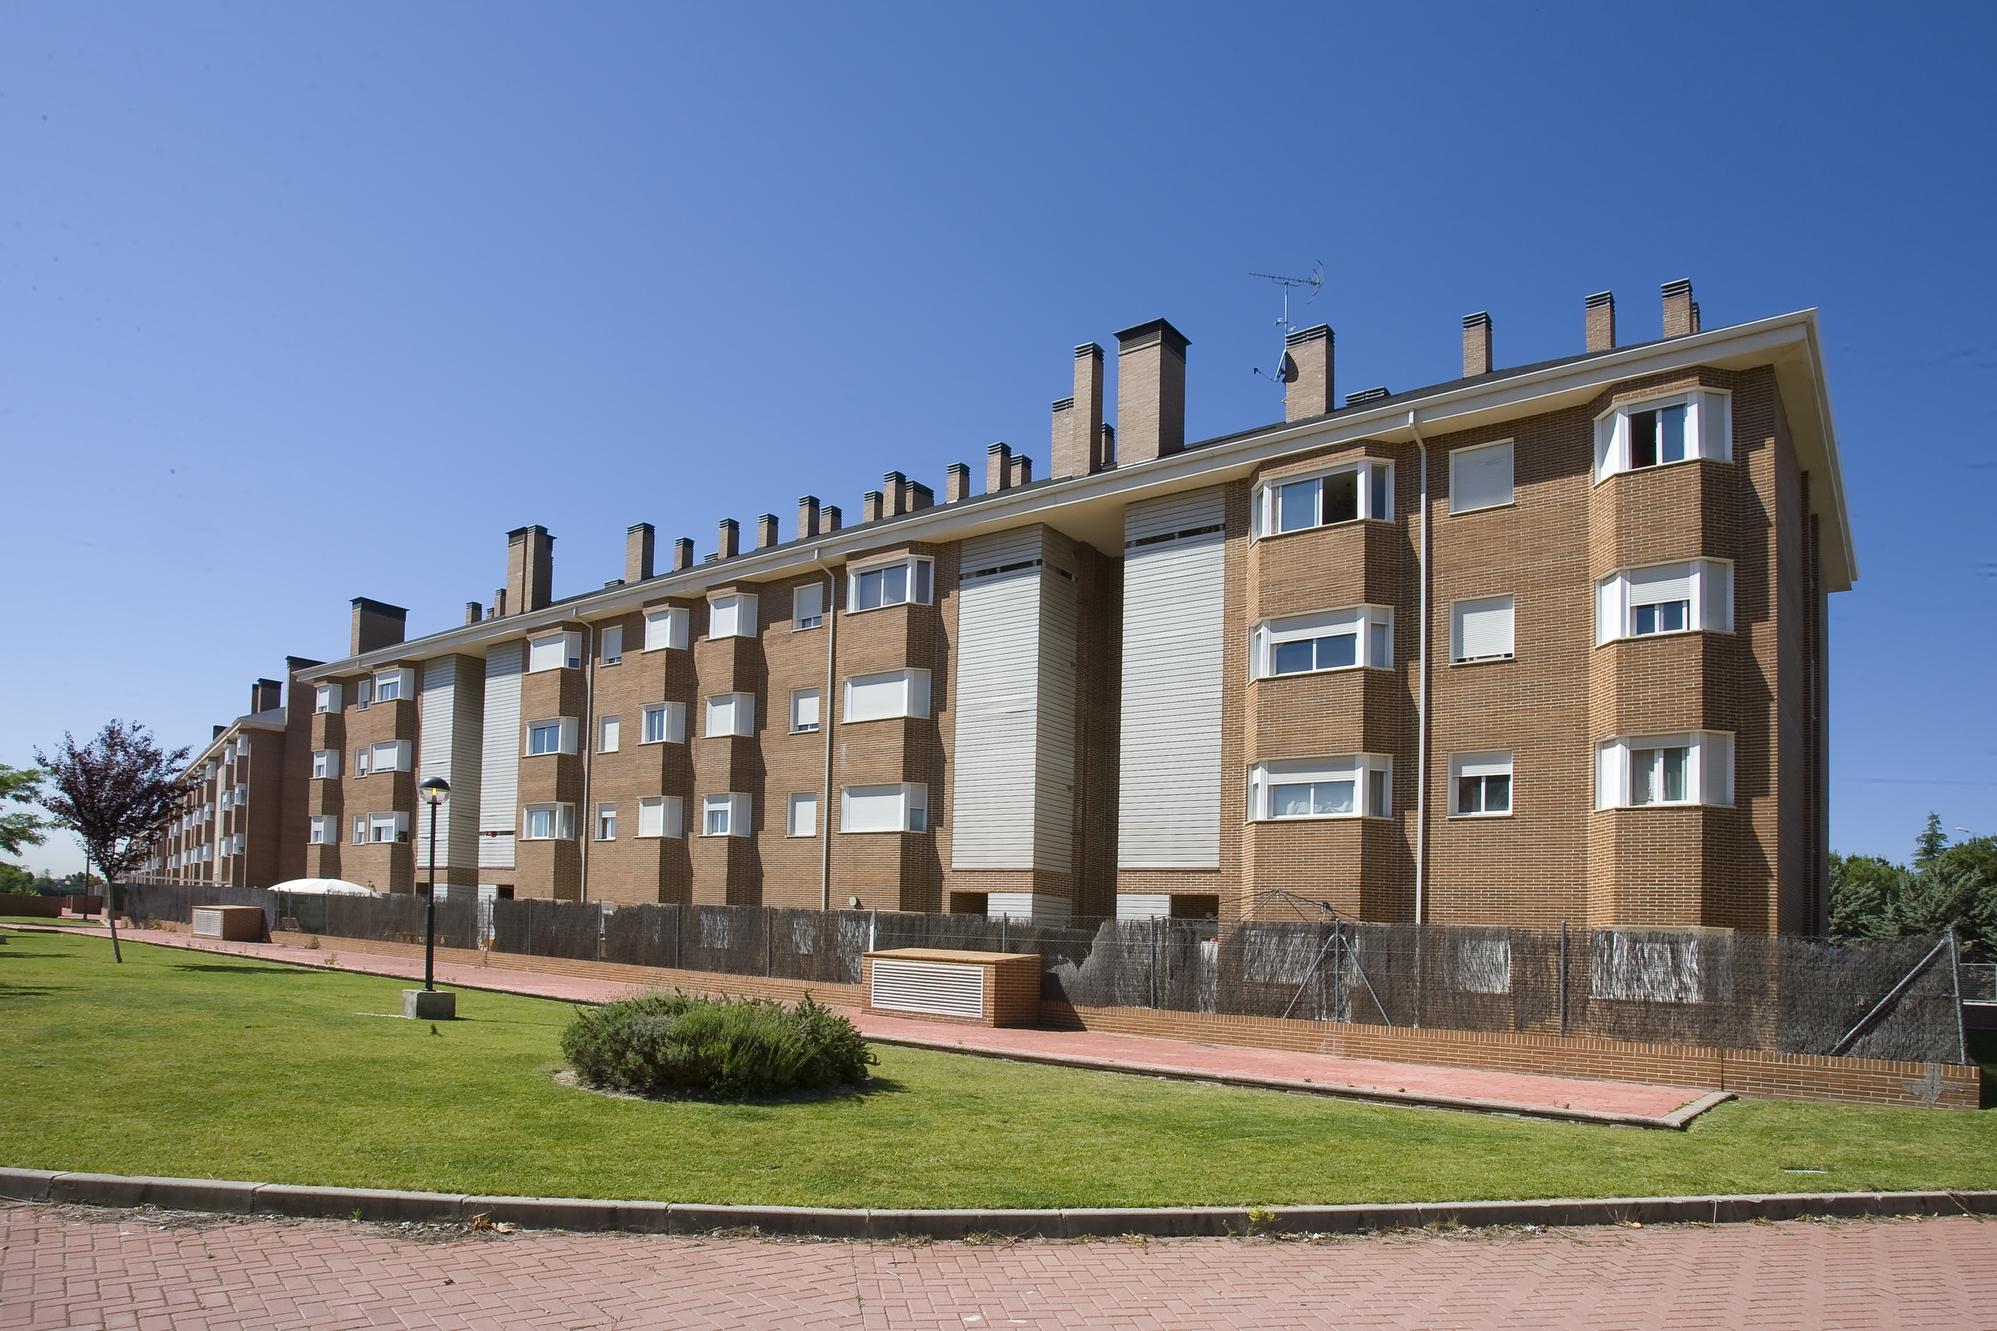 Hispania compra un edificio de 284 viviendas en alquiler for Compra de casas en madrid